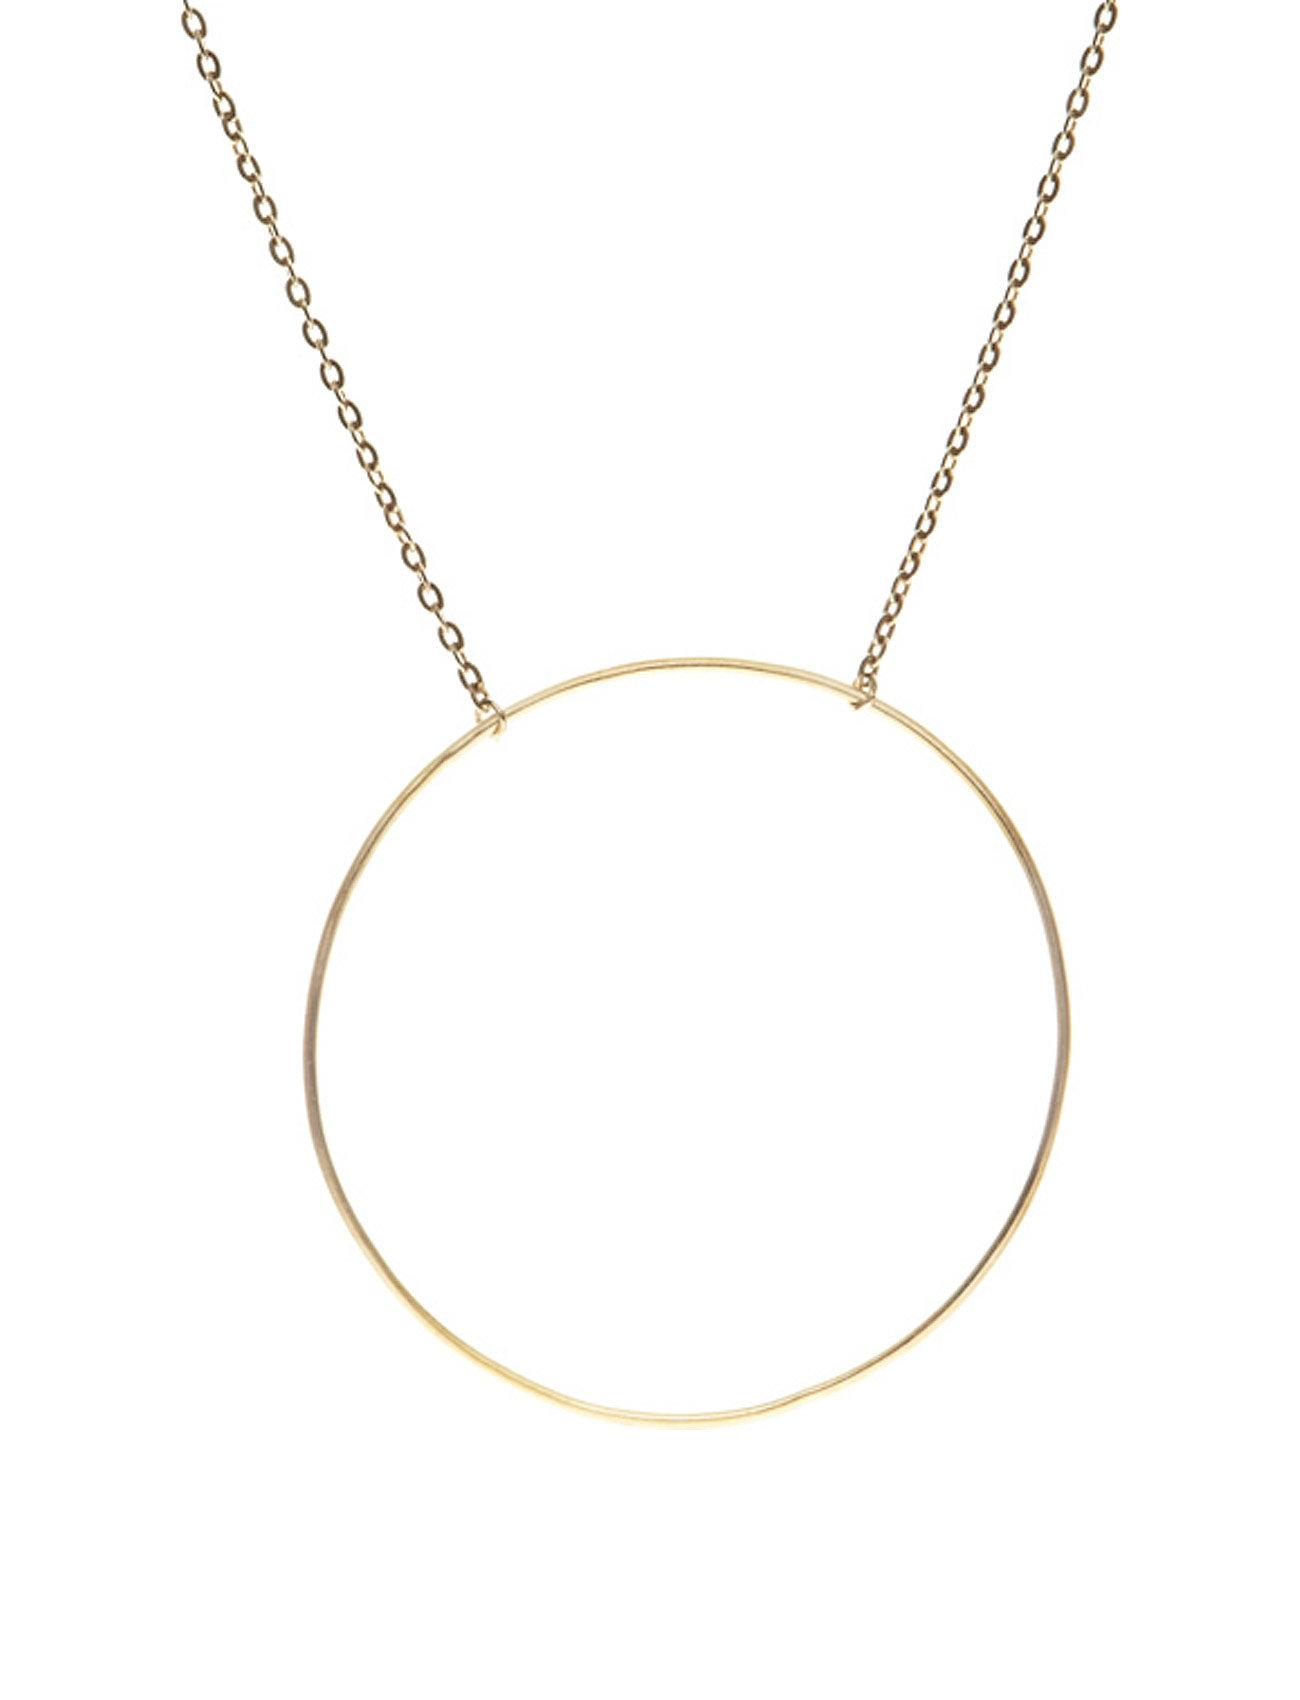 Monocle Necklace - 40/45 Cm Halskæde Smykker Guld Maria Black